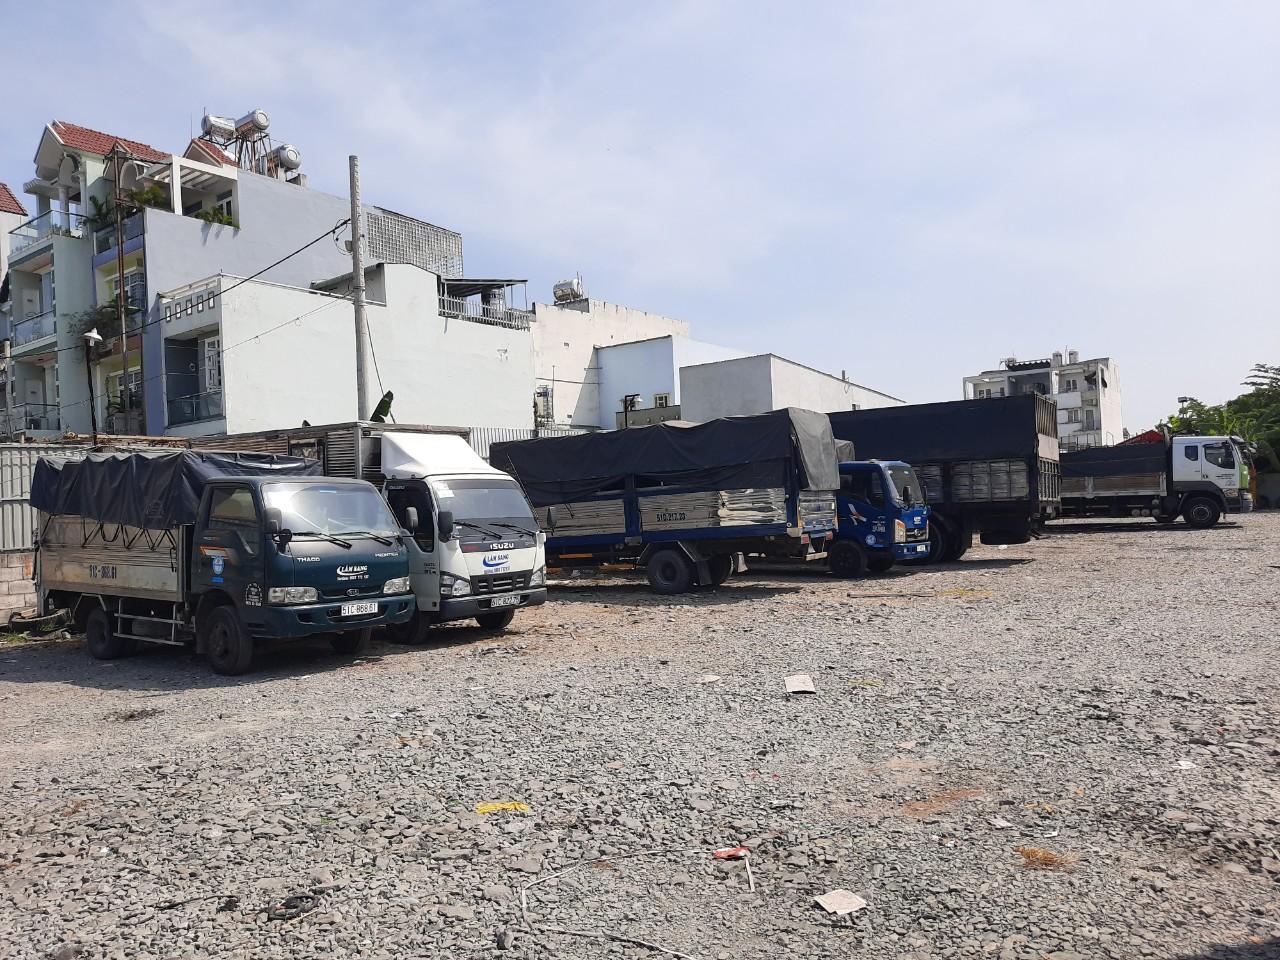 Xe tải chở hàng tại Quận 6 – vận chuyển hàng hoá